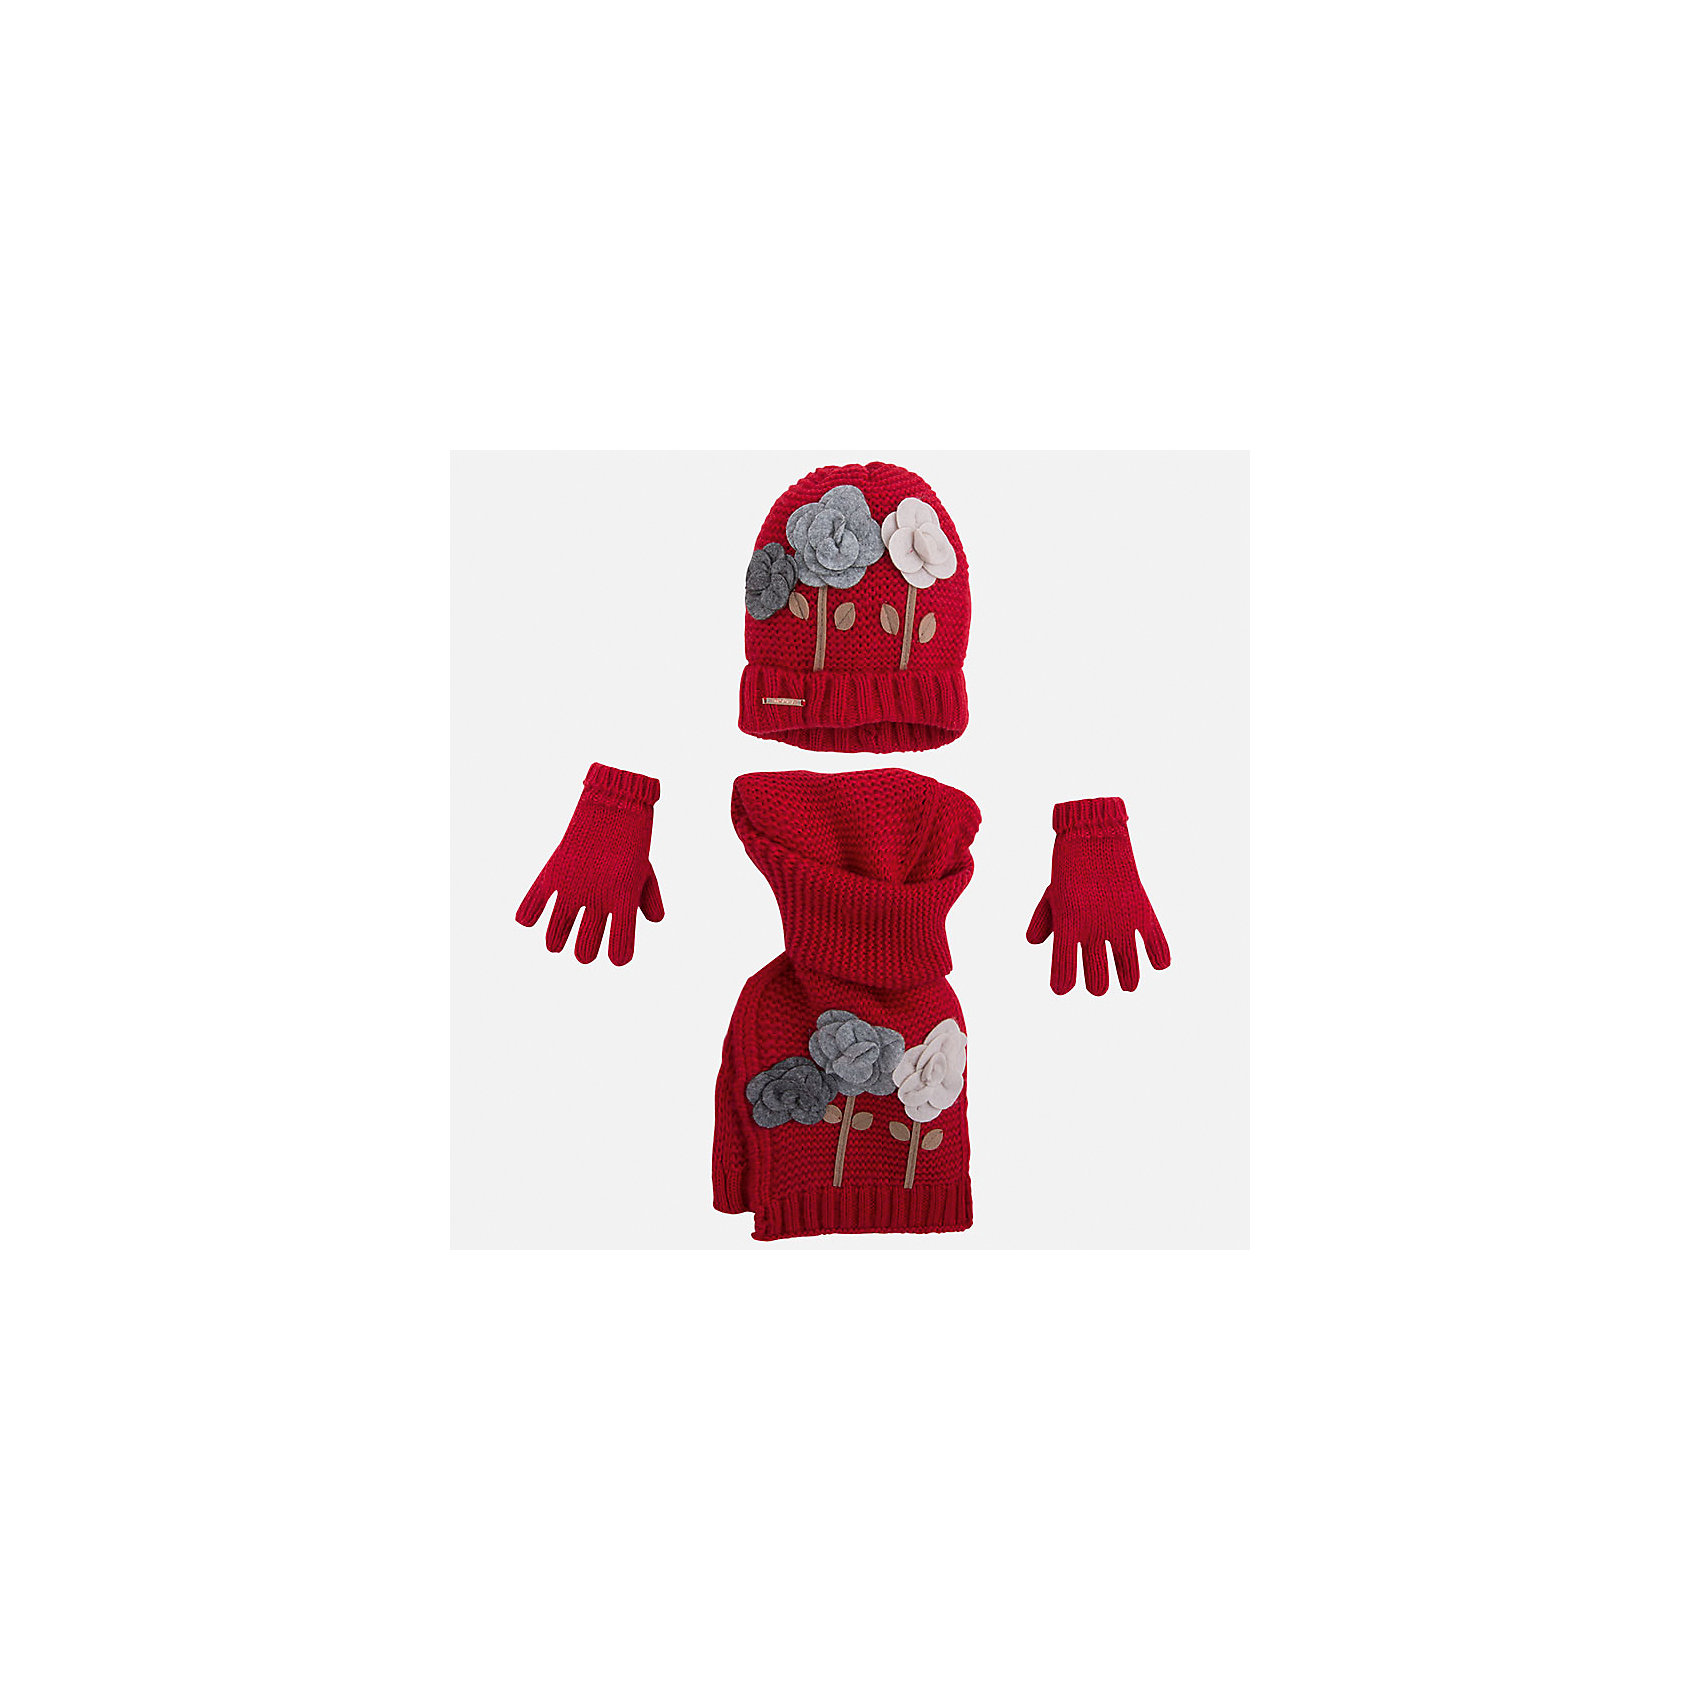 Комплект:шапка, шарф и перчатки для девочки MayoralКомплект из шапки, шарфа и перчаток для девочки от известного испанского бренда Mayoral(Майорал). Все изделия изготовлены из качественных гипоаллергенных тканей, приятных на ощупь. Шапка и шарф декорированы аппликацией цветы. С этим комплектом девочке будет очень тепло и комфортно!<br><br>Дополнительная информация:<br>Состав: 87% акрил, 13% полиамид<br>Цвет: красный<br>Комплект из шарфа, шапки и перчаток Mayoral(Майорал) можно приобрести в нашем интернет-магазине.<br><br>Ширина мм: 89<br>Глубина мм: 117<br>Высота мм: 44<br>Вес г: 155<br>Цвет: красный<br>Возраст от месяцев: 24<br>Возраст до месяцев: 48<br>Пол: Женский<br>Возраст: Детский<br>Размер: 48-50,52-54,54-56<br>SKU: 4847766